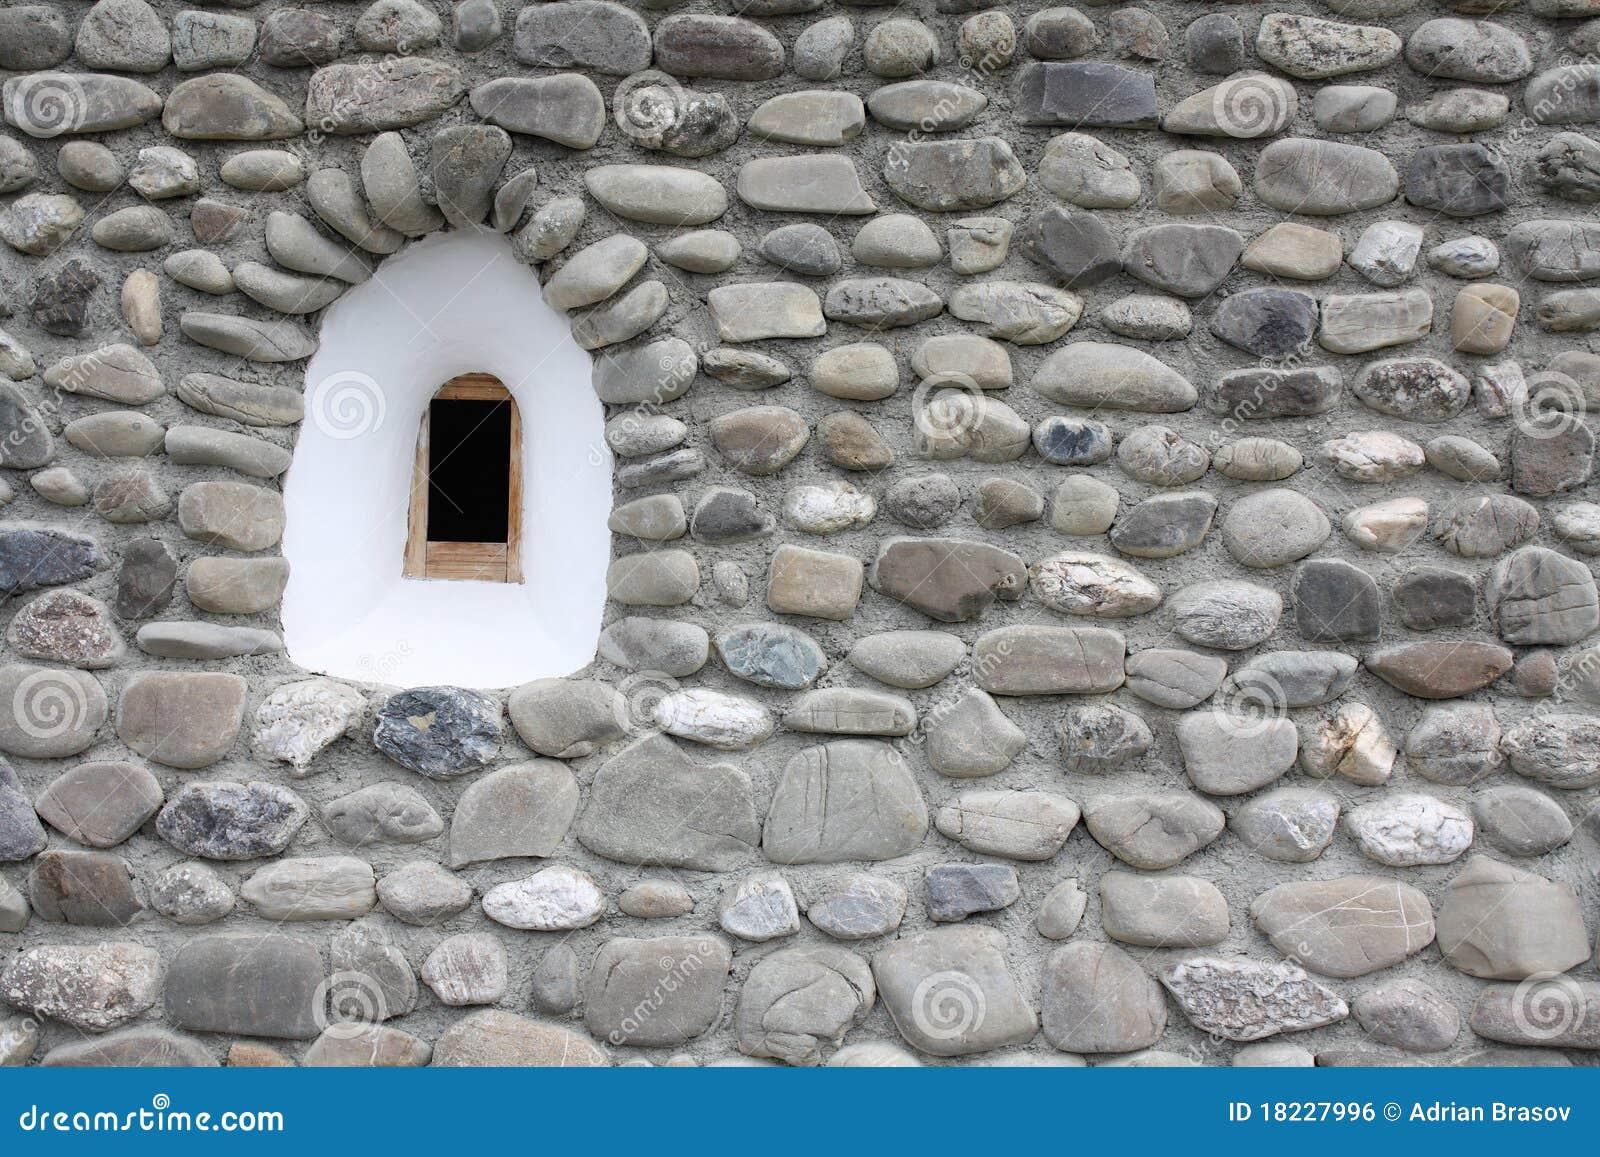 Petit hublot m di val l 39 int rieur d 39 un mur en pierre - Mur en pierre apparente interieur ...